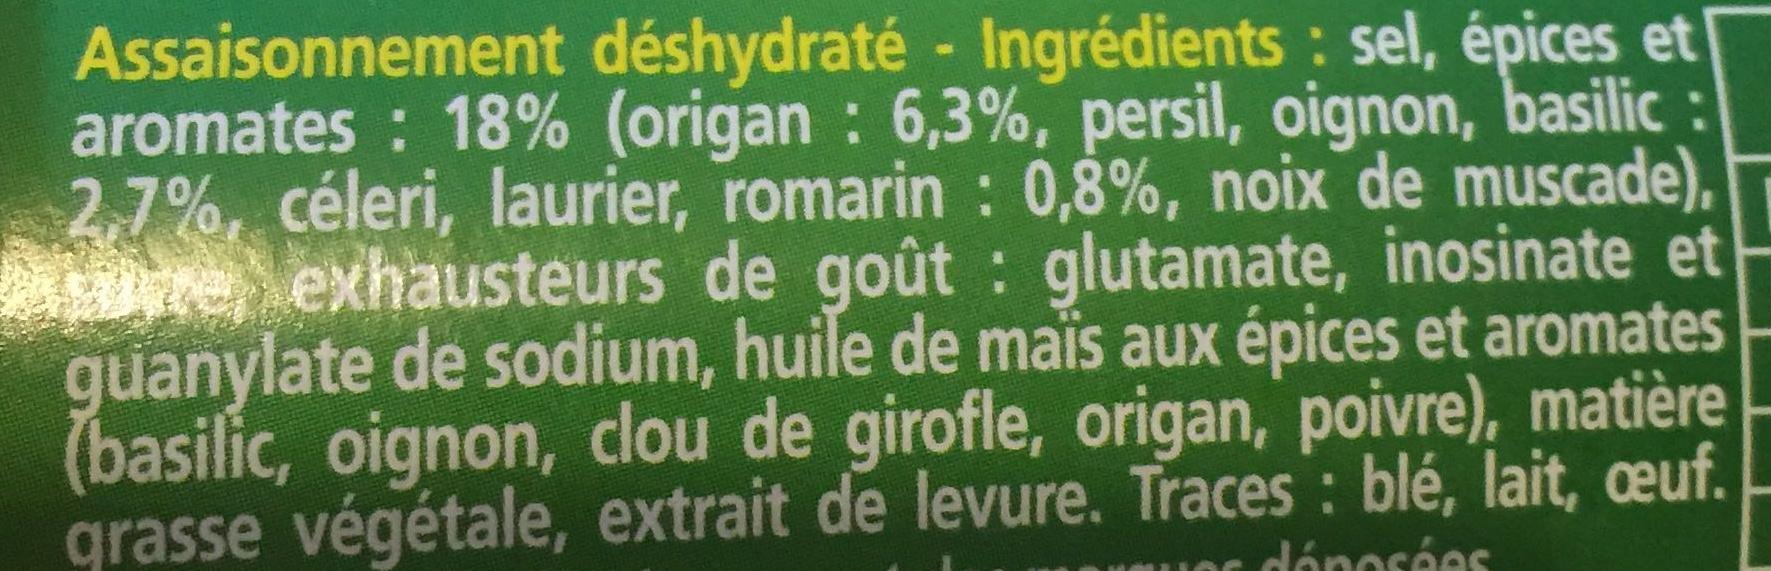 Knorr Assaisonnement En Poudre Plein Sud Tube - Ingrédients - fr